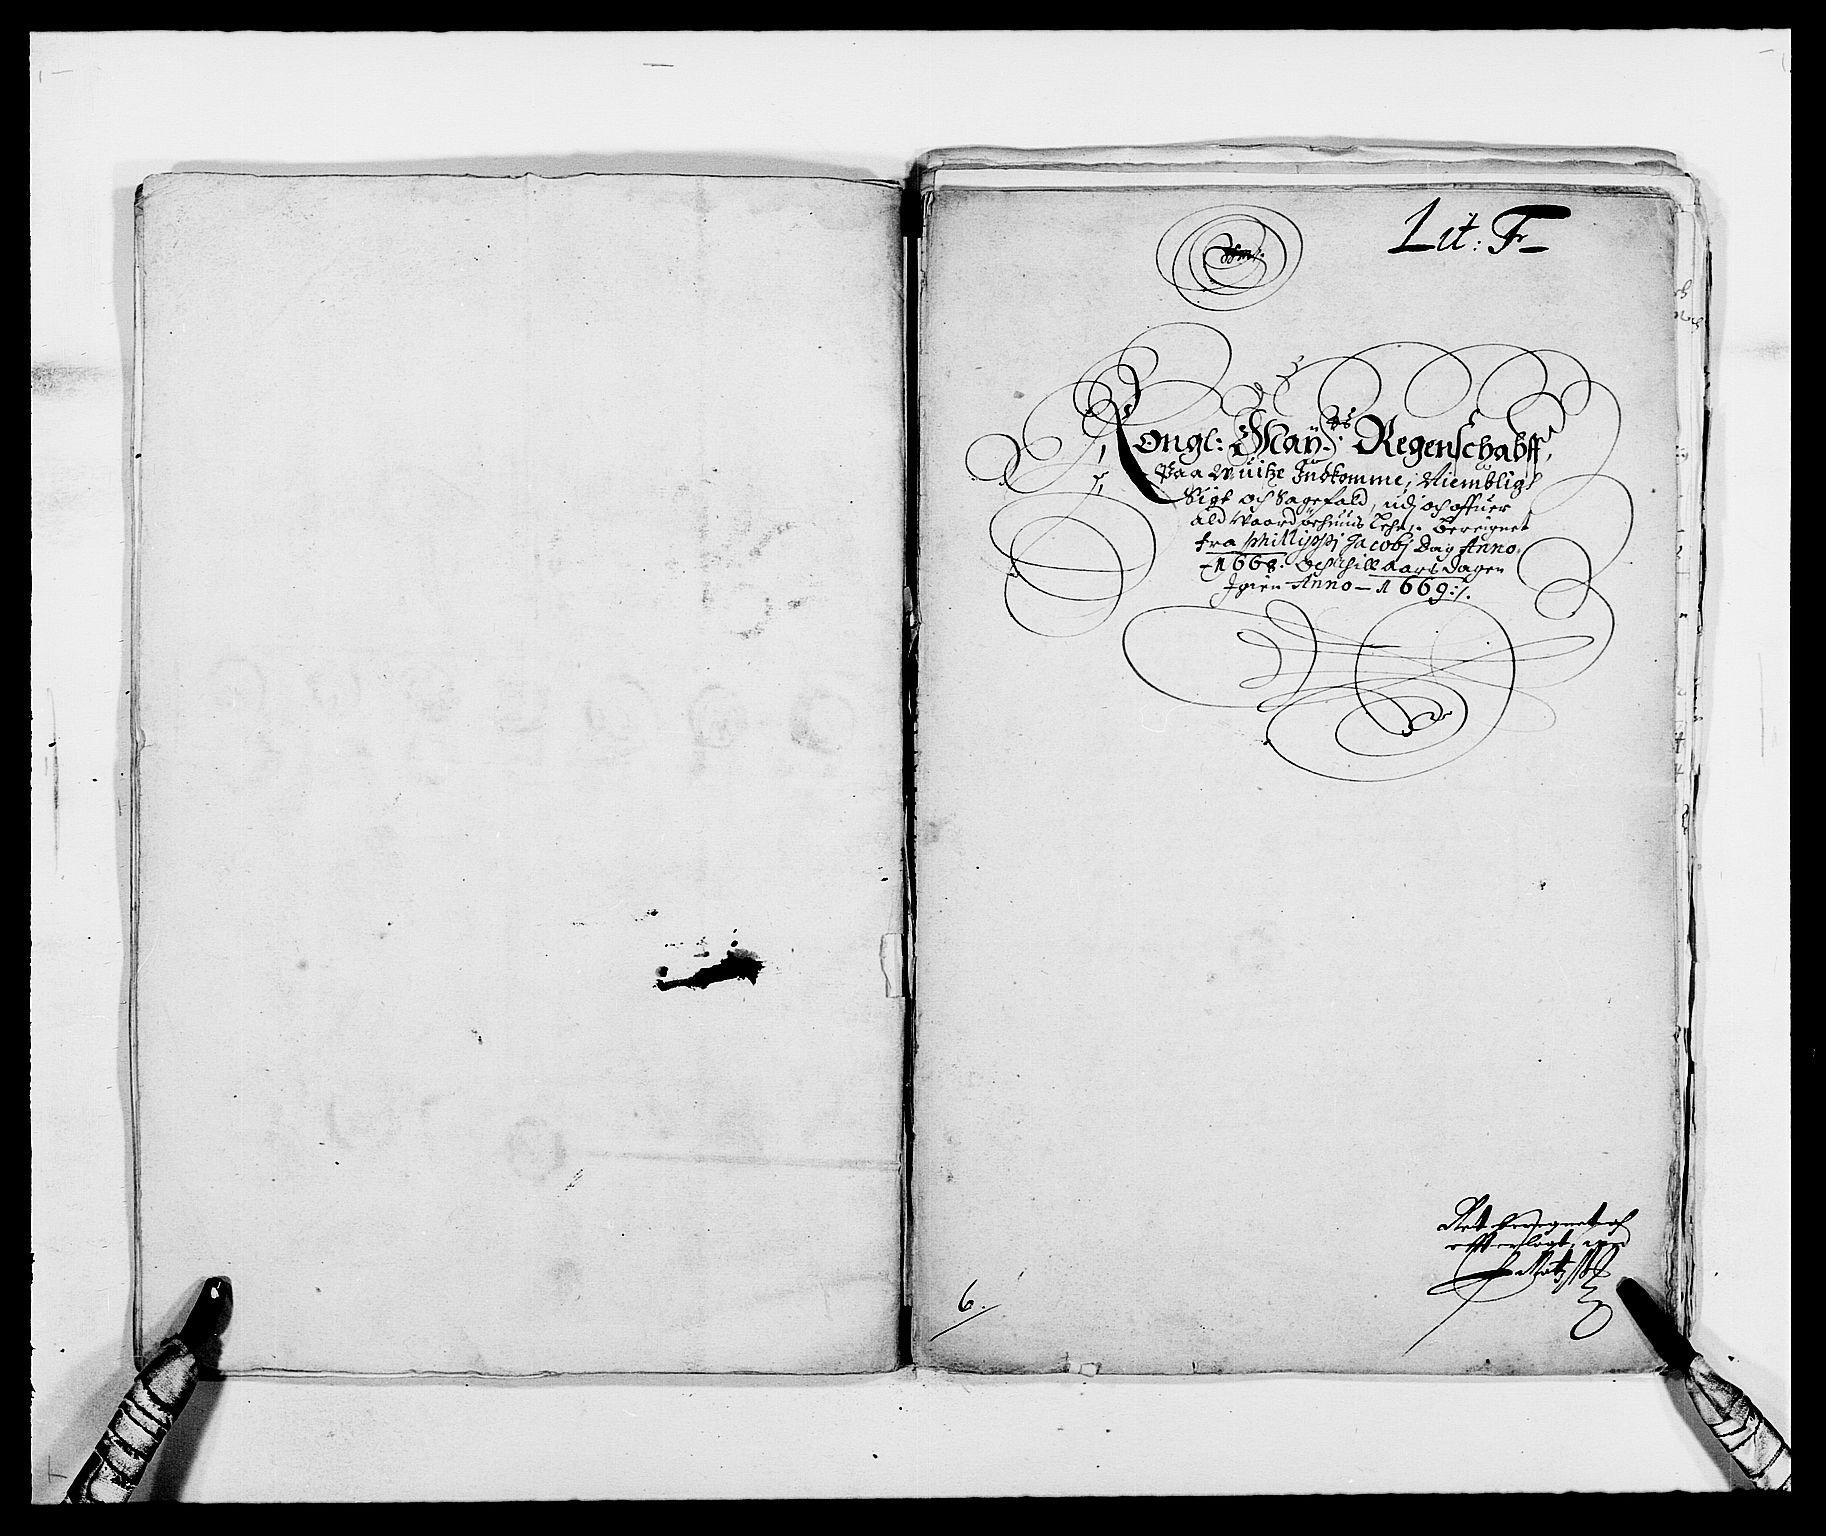 RA, Rentekammeret inntil 1814, Reviderte regnskaper, Fogderegnskap, R69/L4849: Fogderegnskap Finnmark/Vardøhus, 1661-1679, s. 197